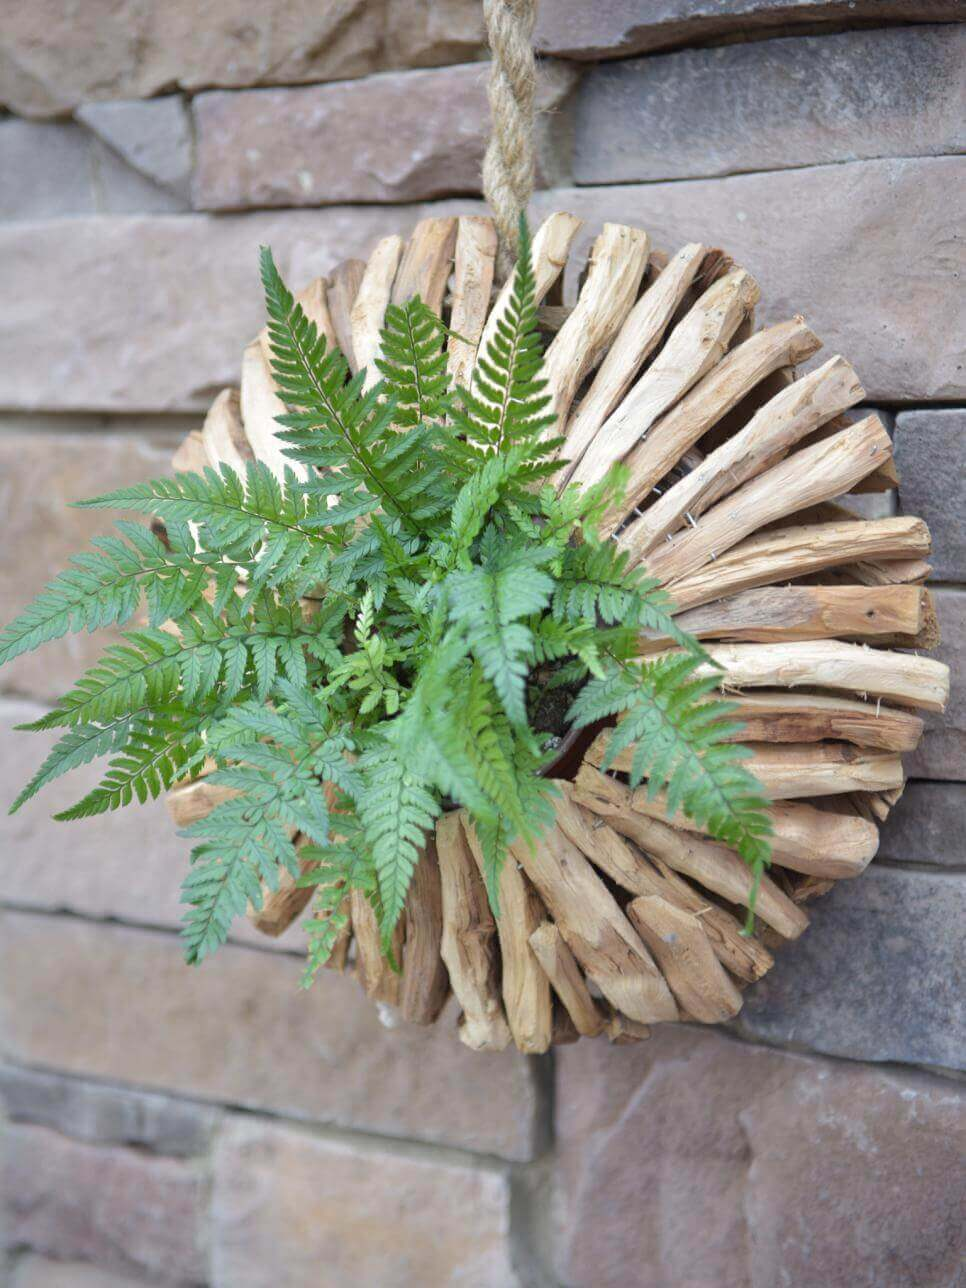 Piante sospese per decorare il giardino ecco 20 esempi a - Piante per il giardino ...